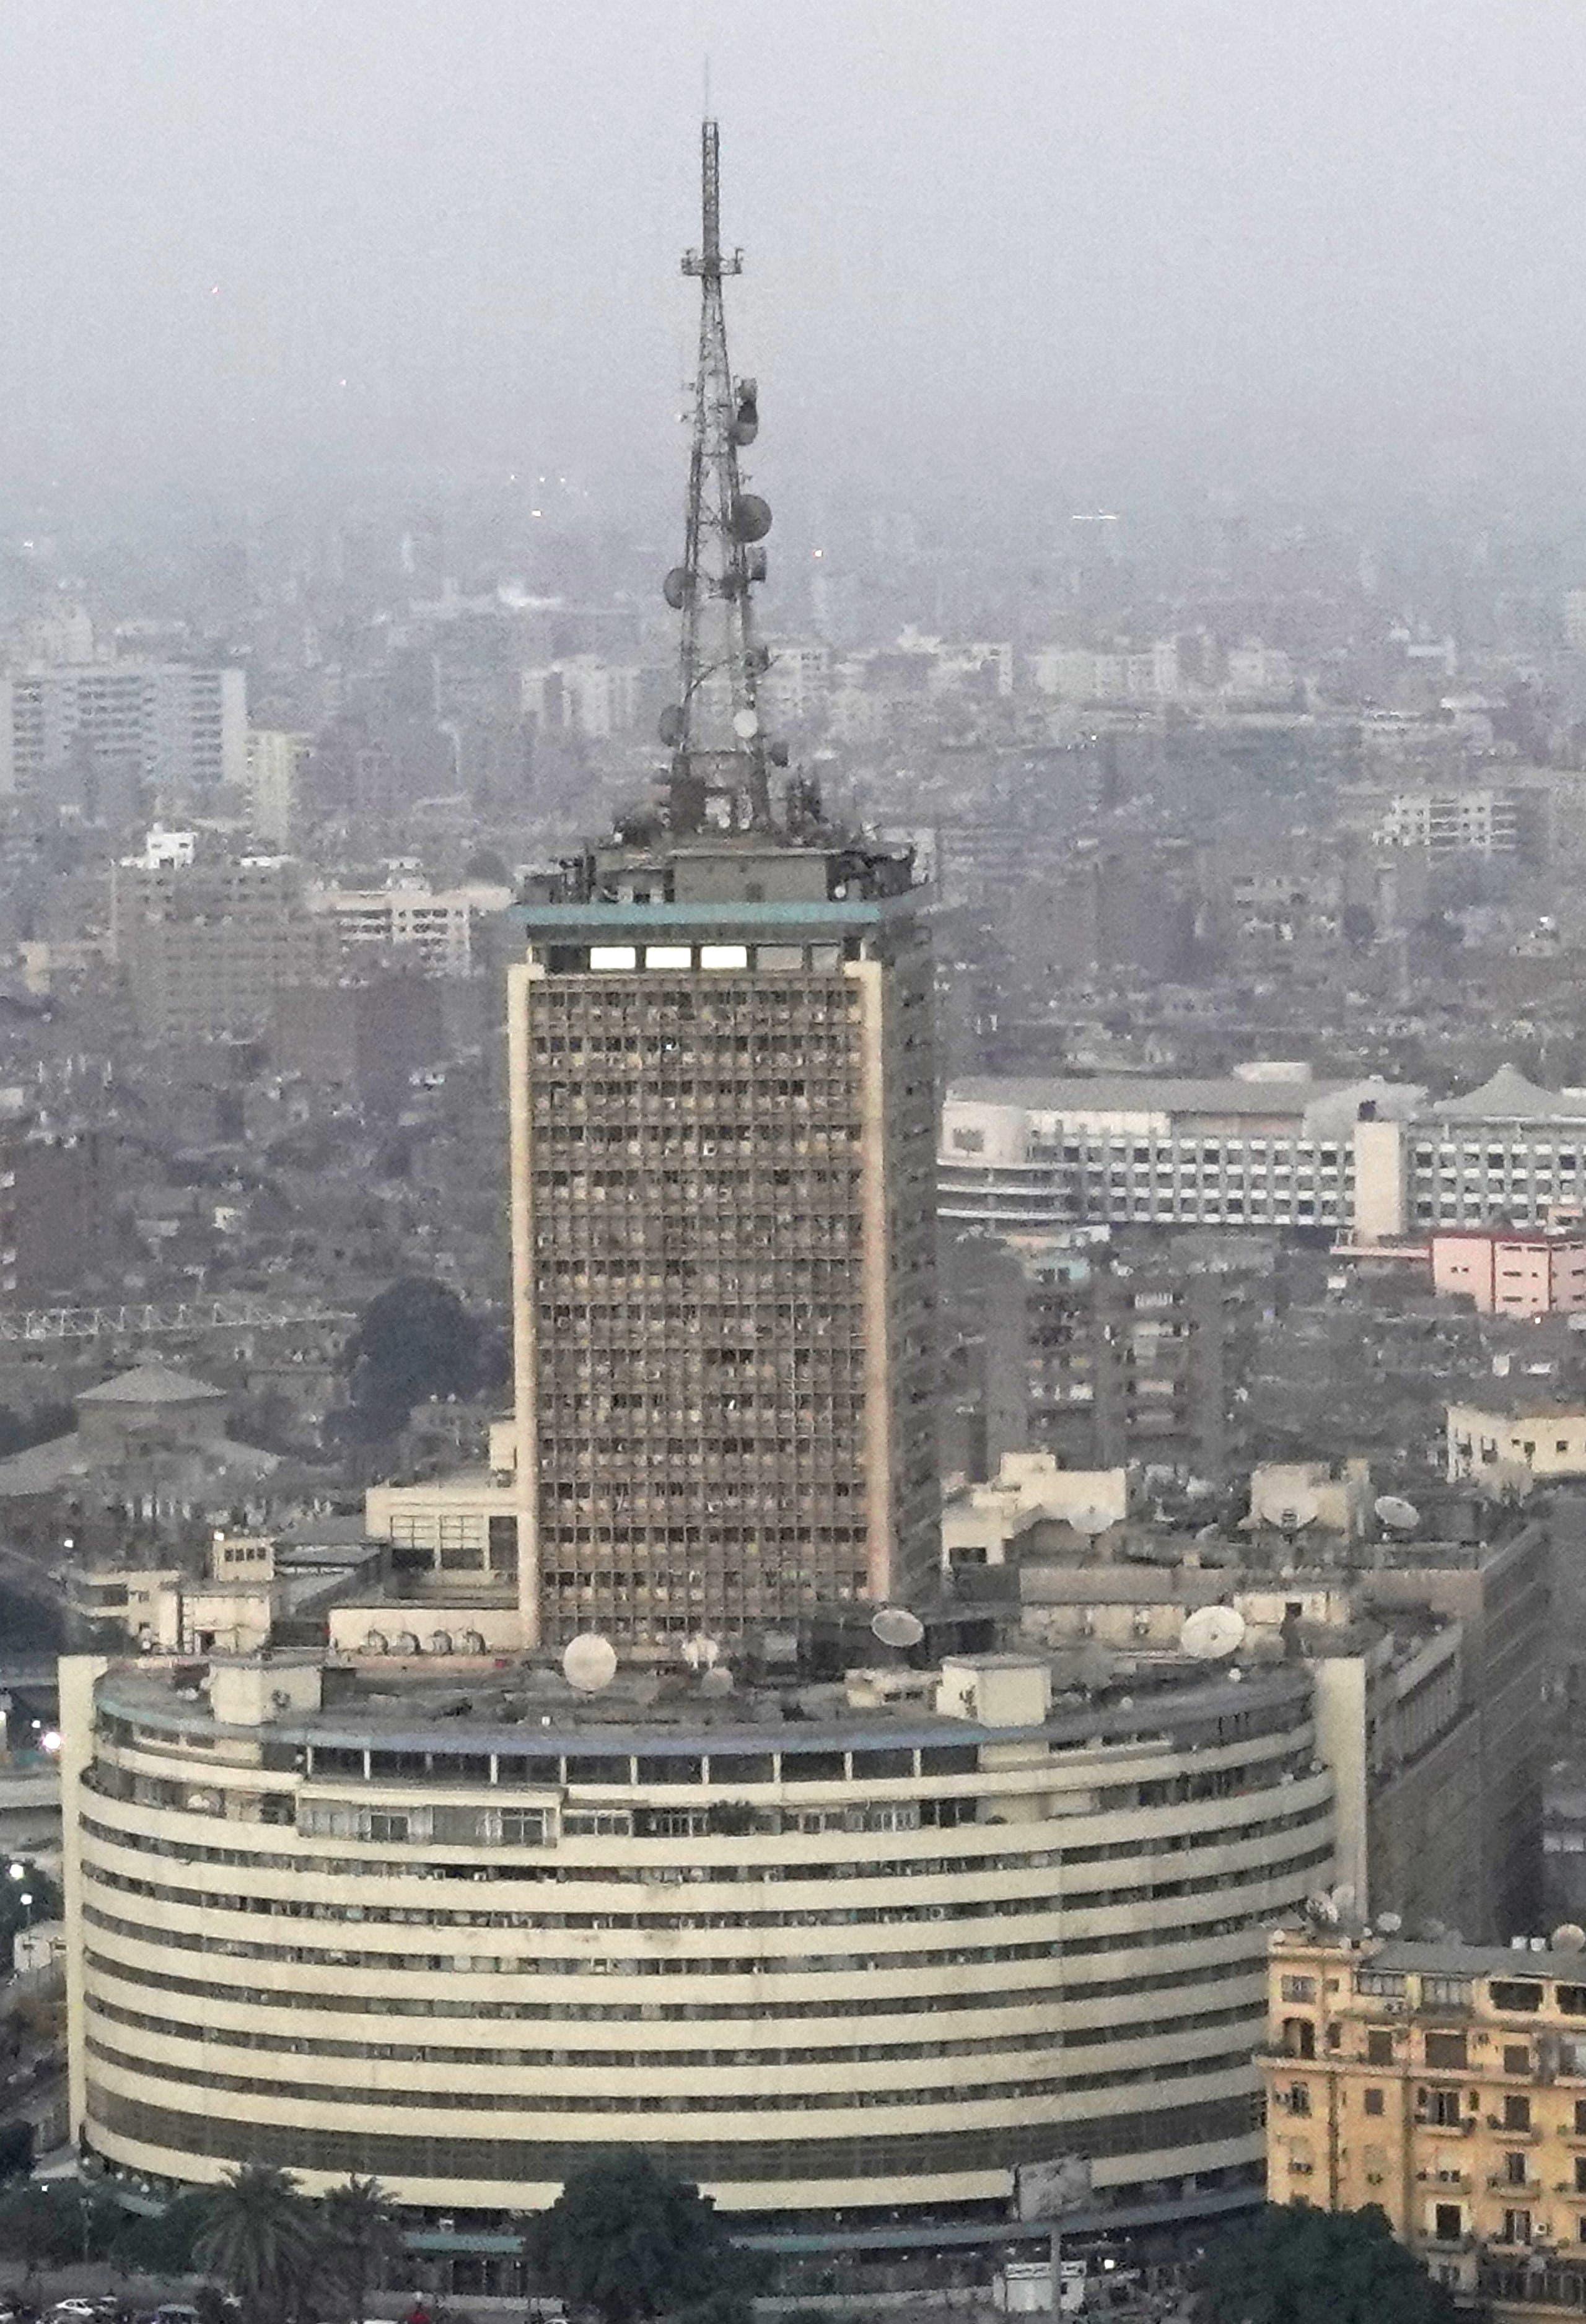 مبنى الإذاعة والتلفزيون المصري